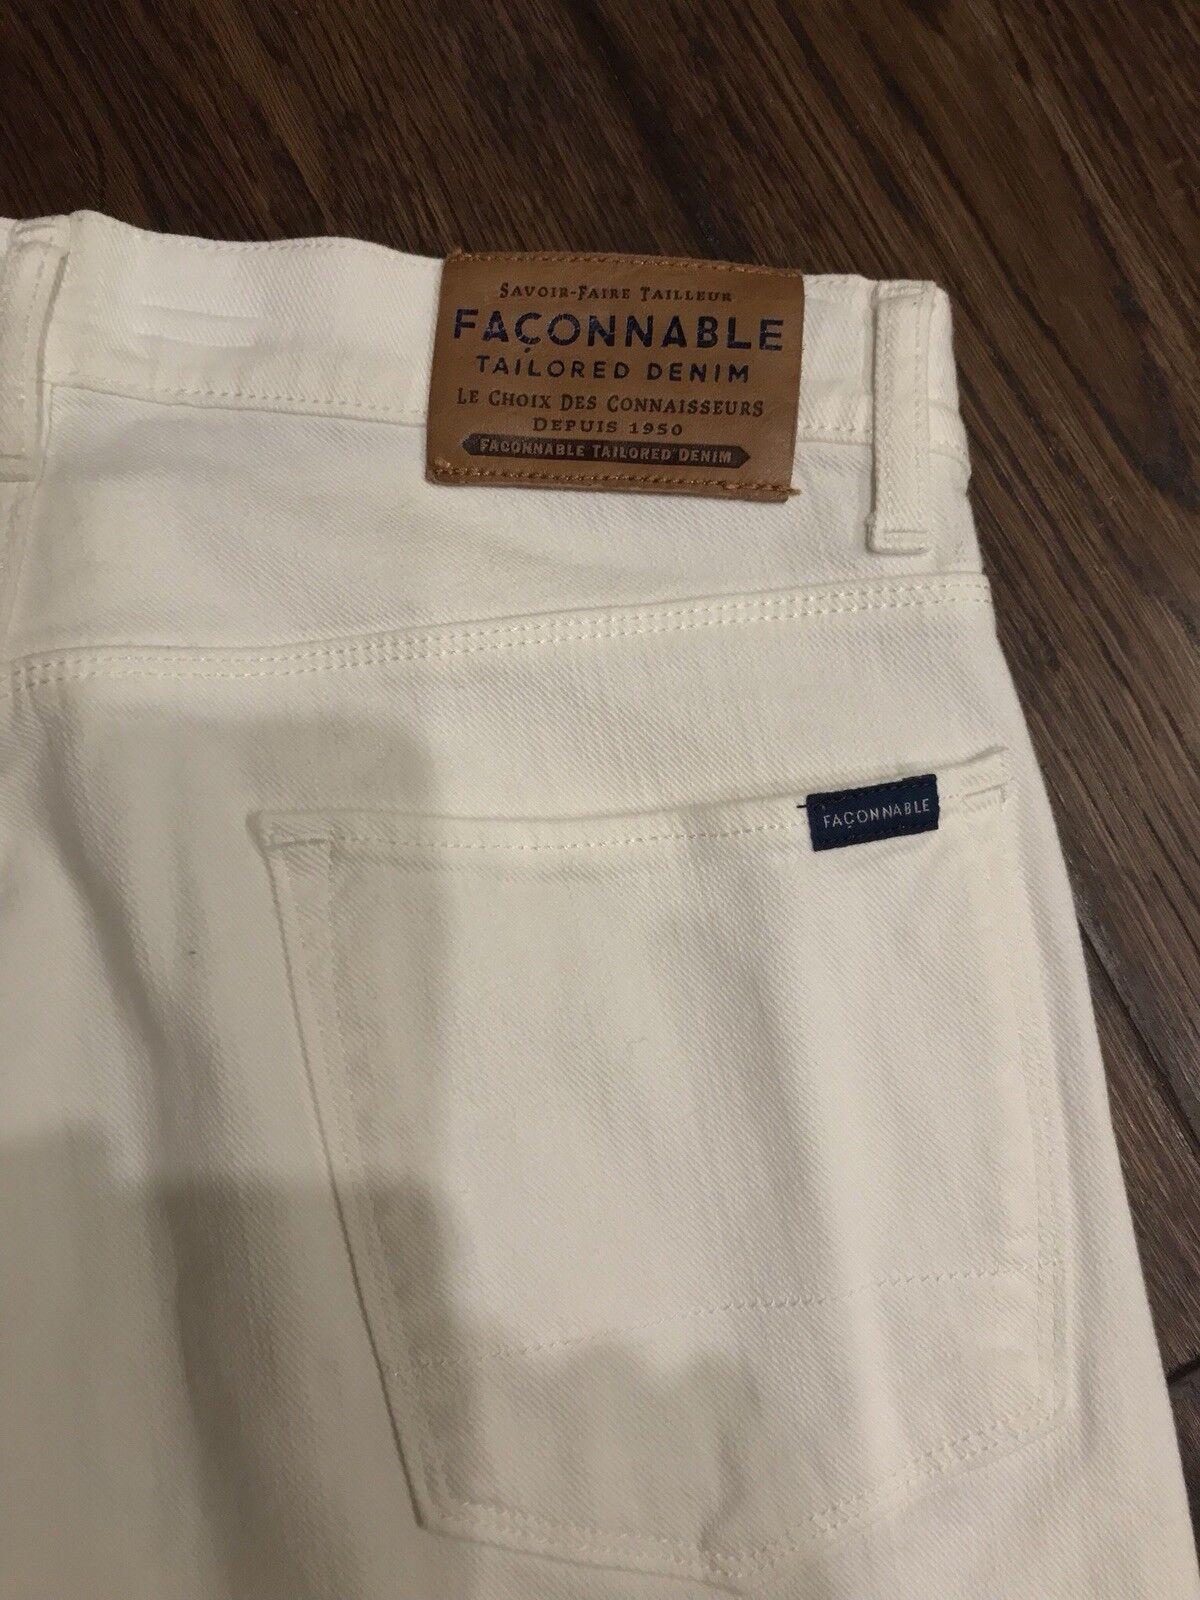 Façonnable Men 32x32 White F20 Regular Straight Leg Tailored Denim Jeans